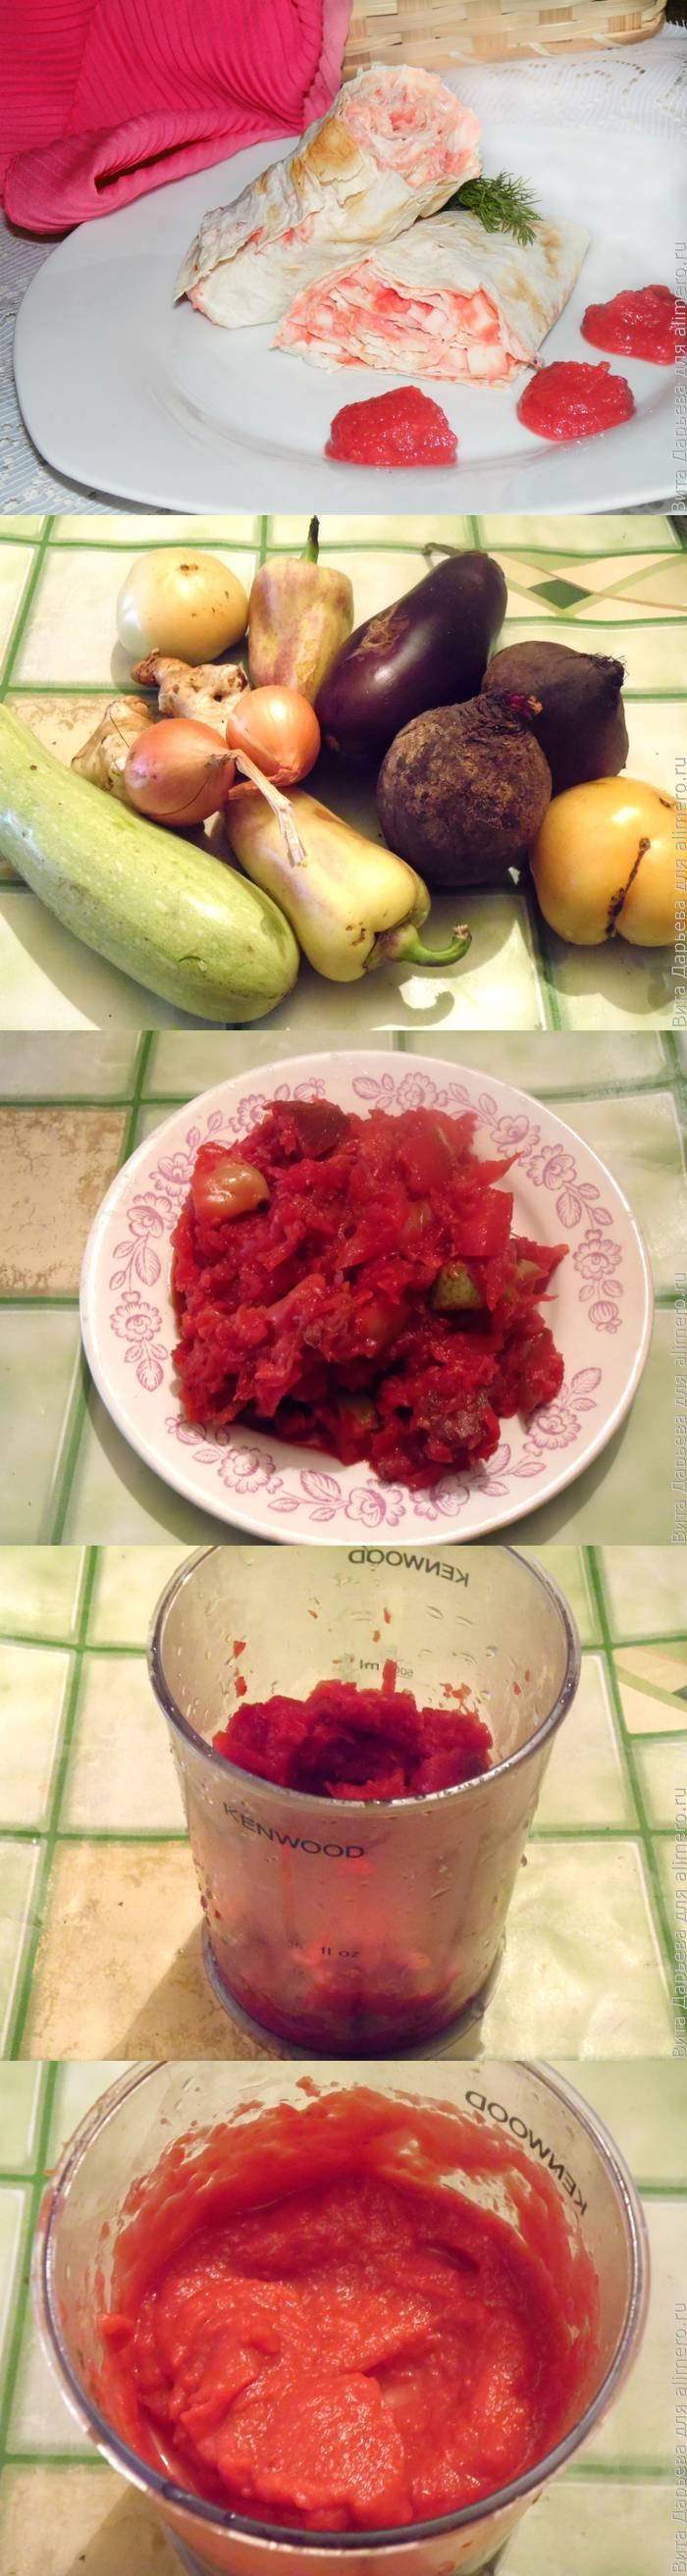 Крем-овощи в лаваше с брынзой